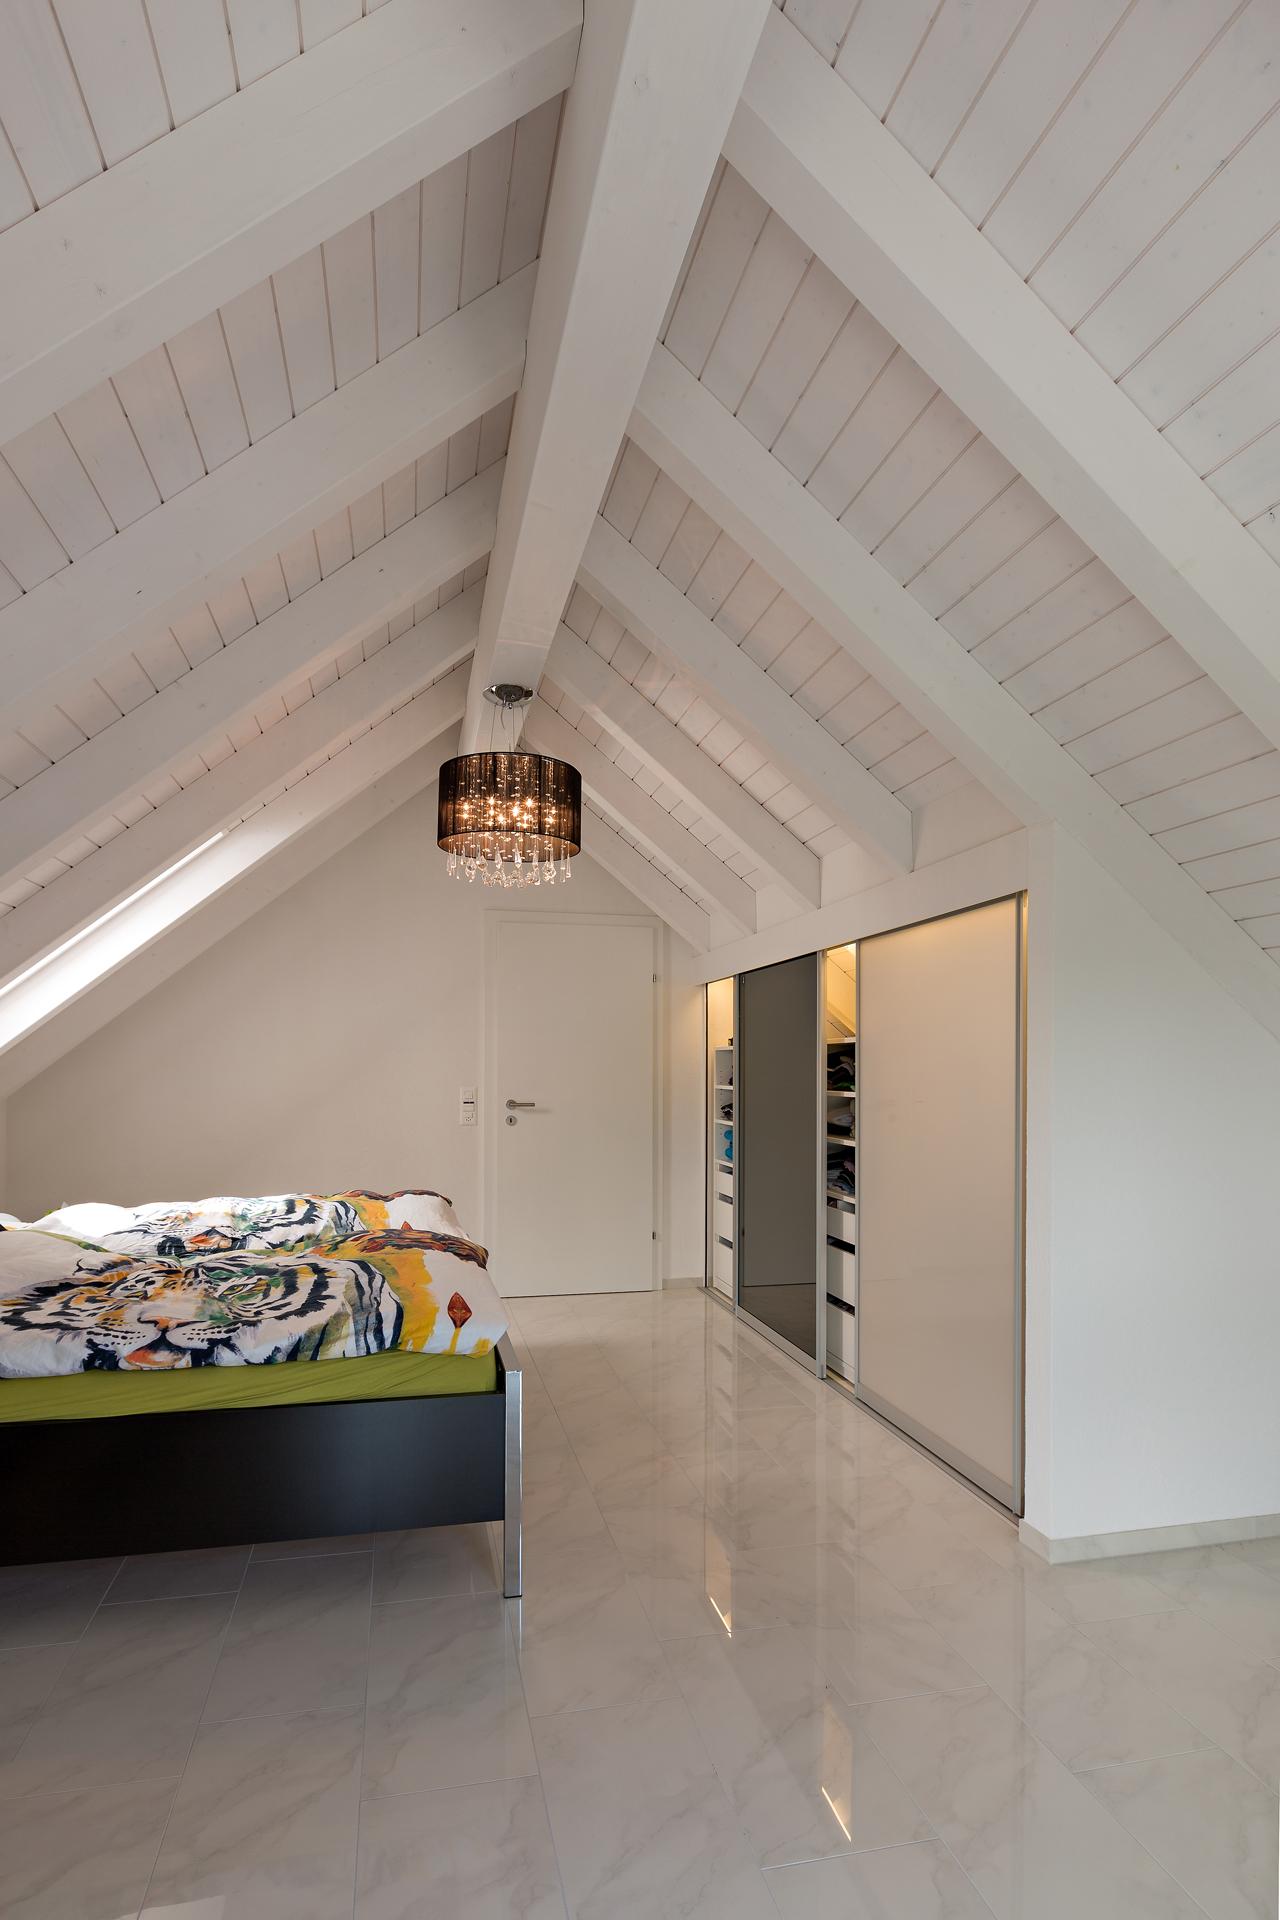 schrank in der dachschr ge nach mass dachschr genschrank mit schieberegalen in doppelter tiefe. Black Bedroom Furniture Sets. Home Design Ideas